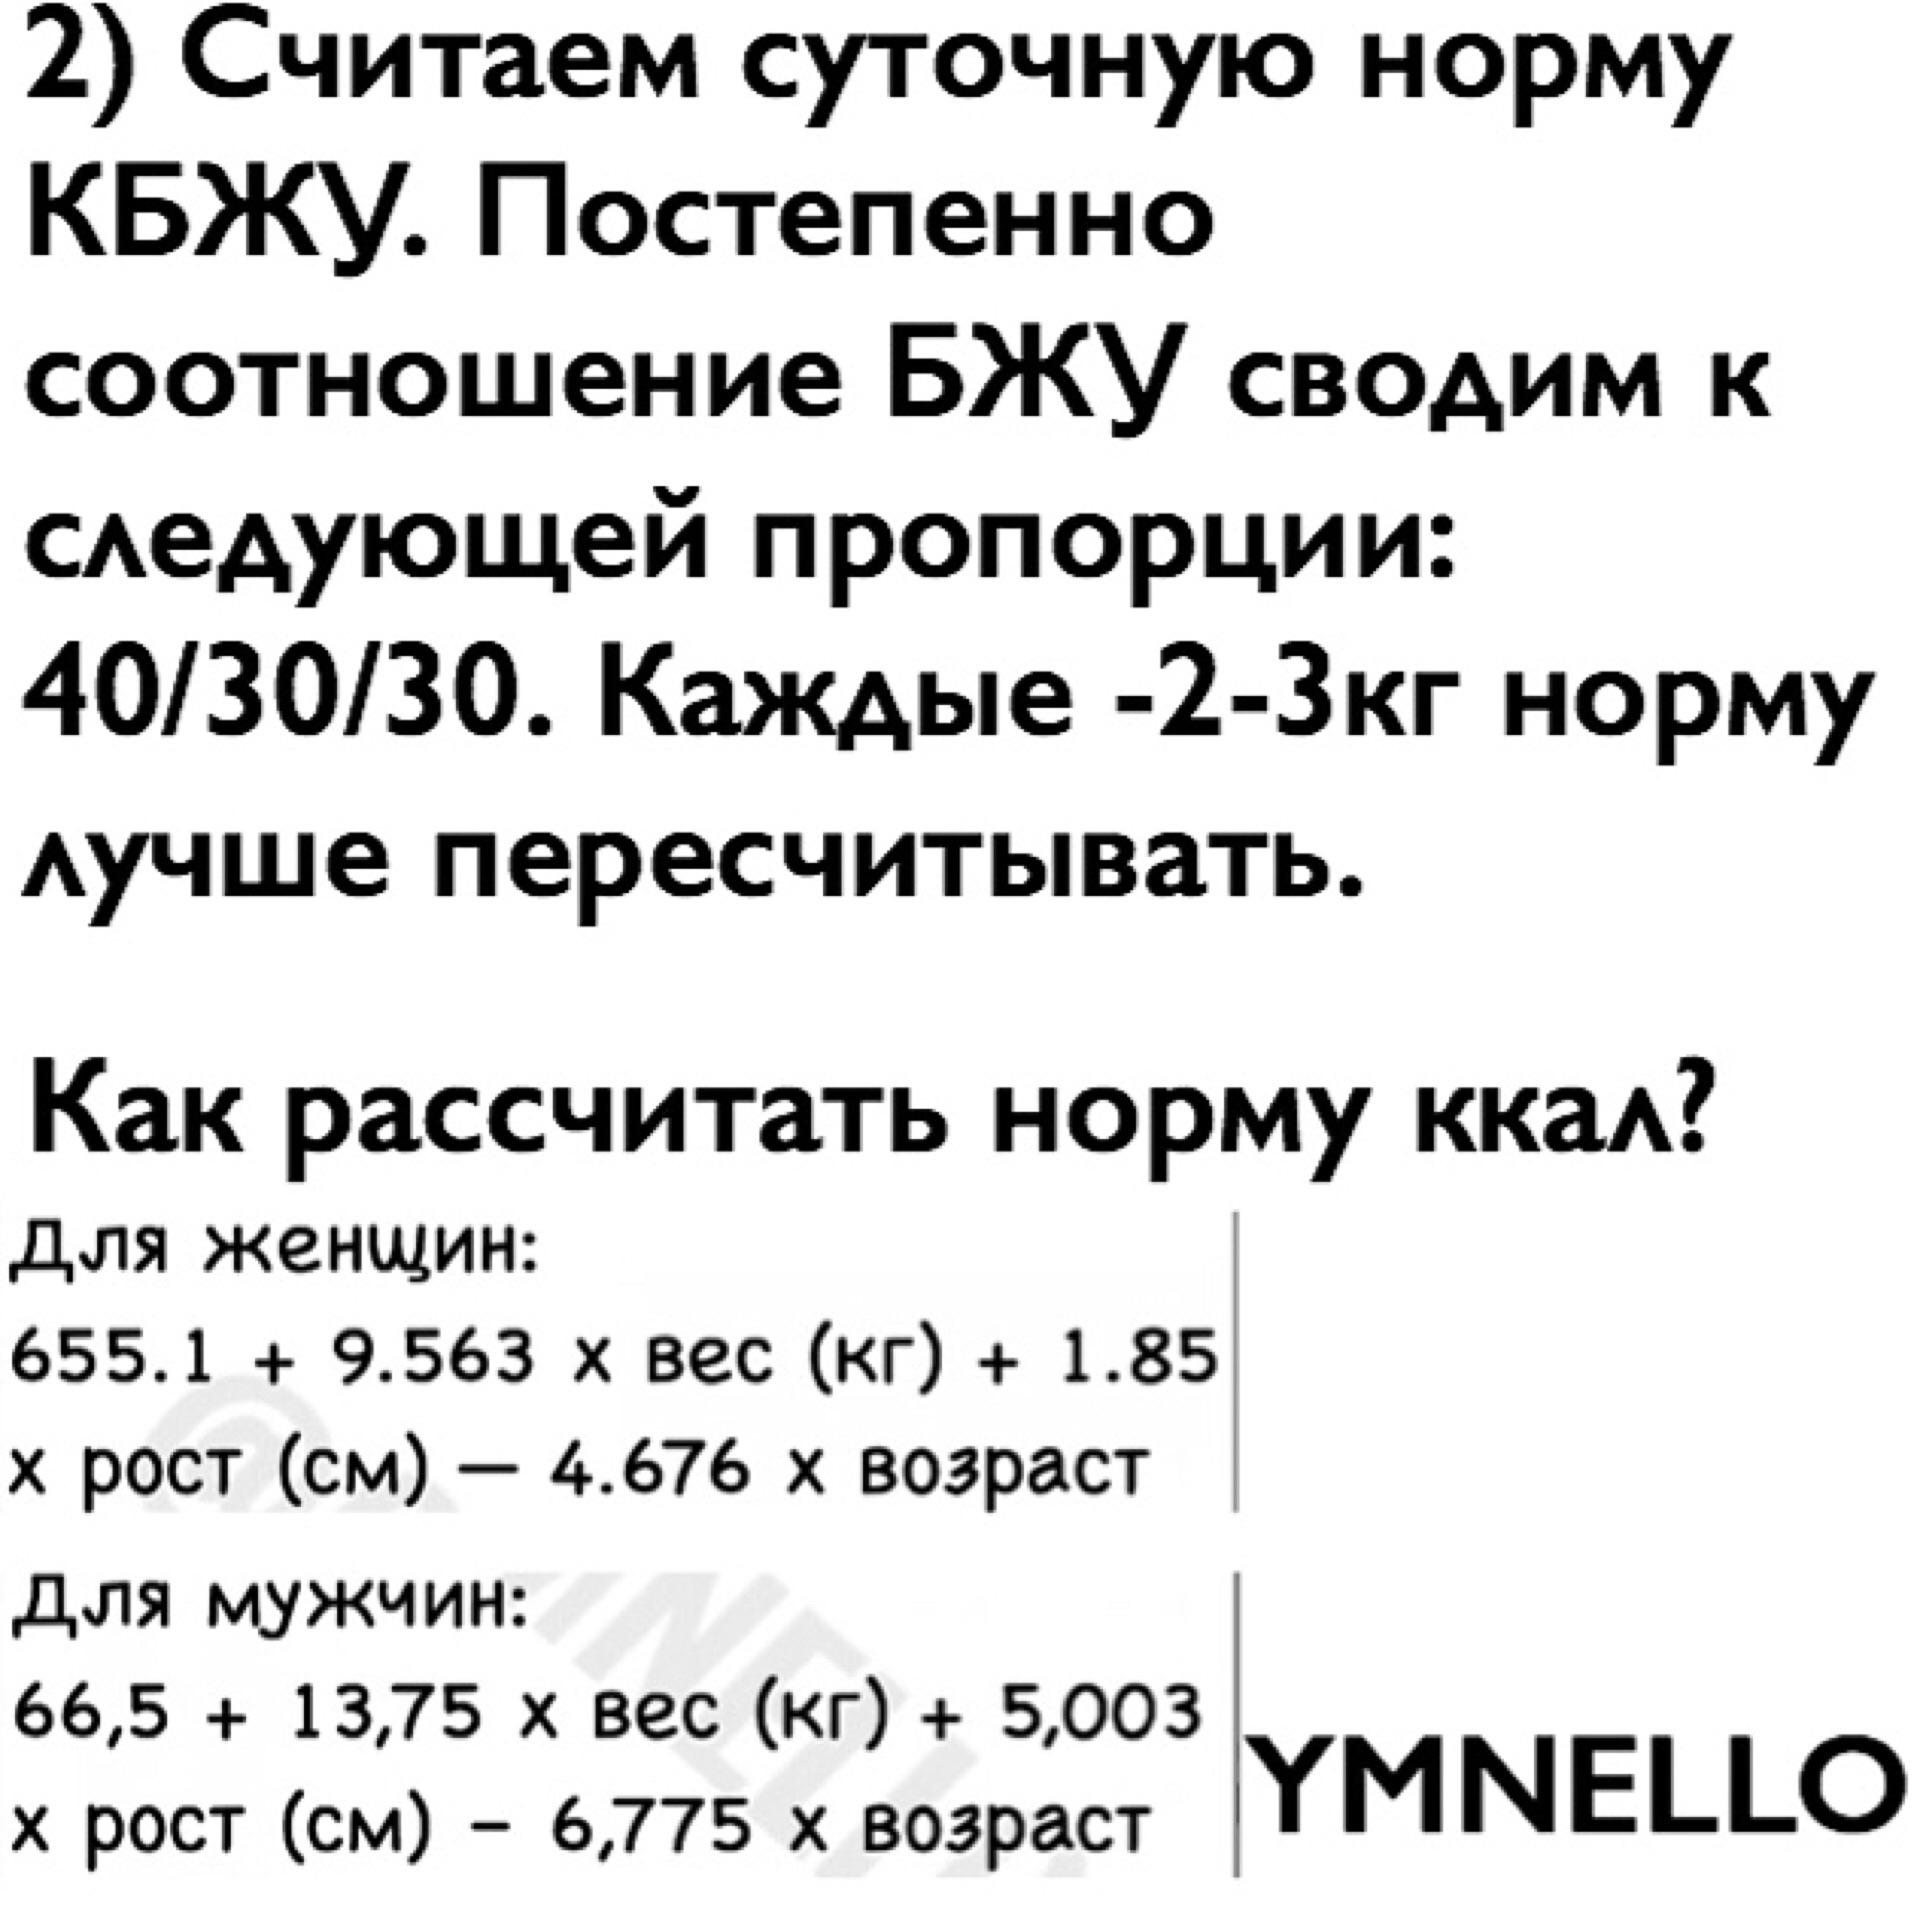 Для новичков: все о кбжу — newyorkfitspo.ru